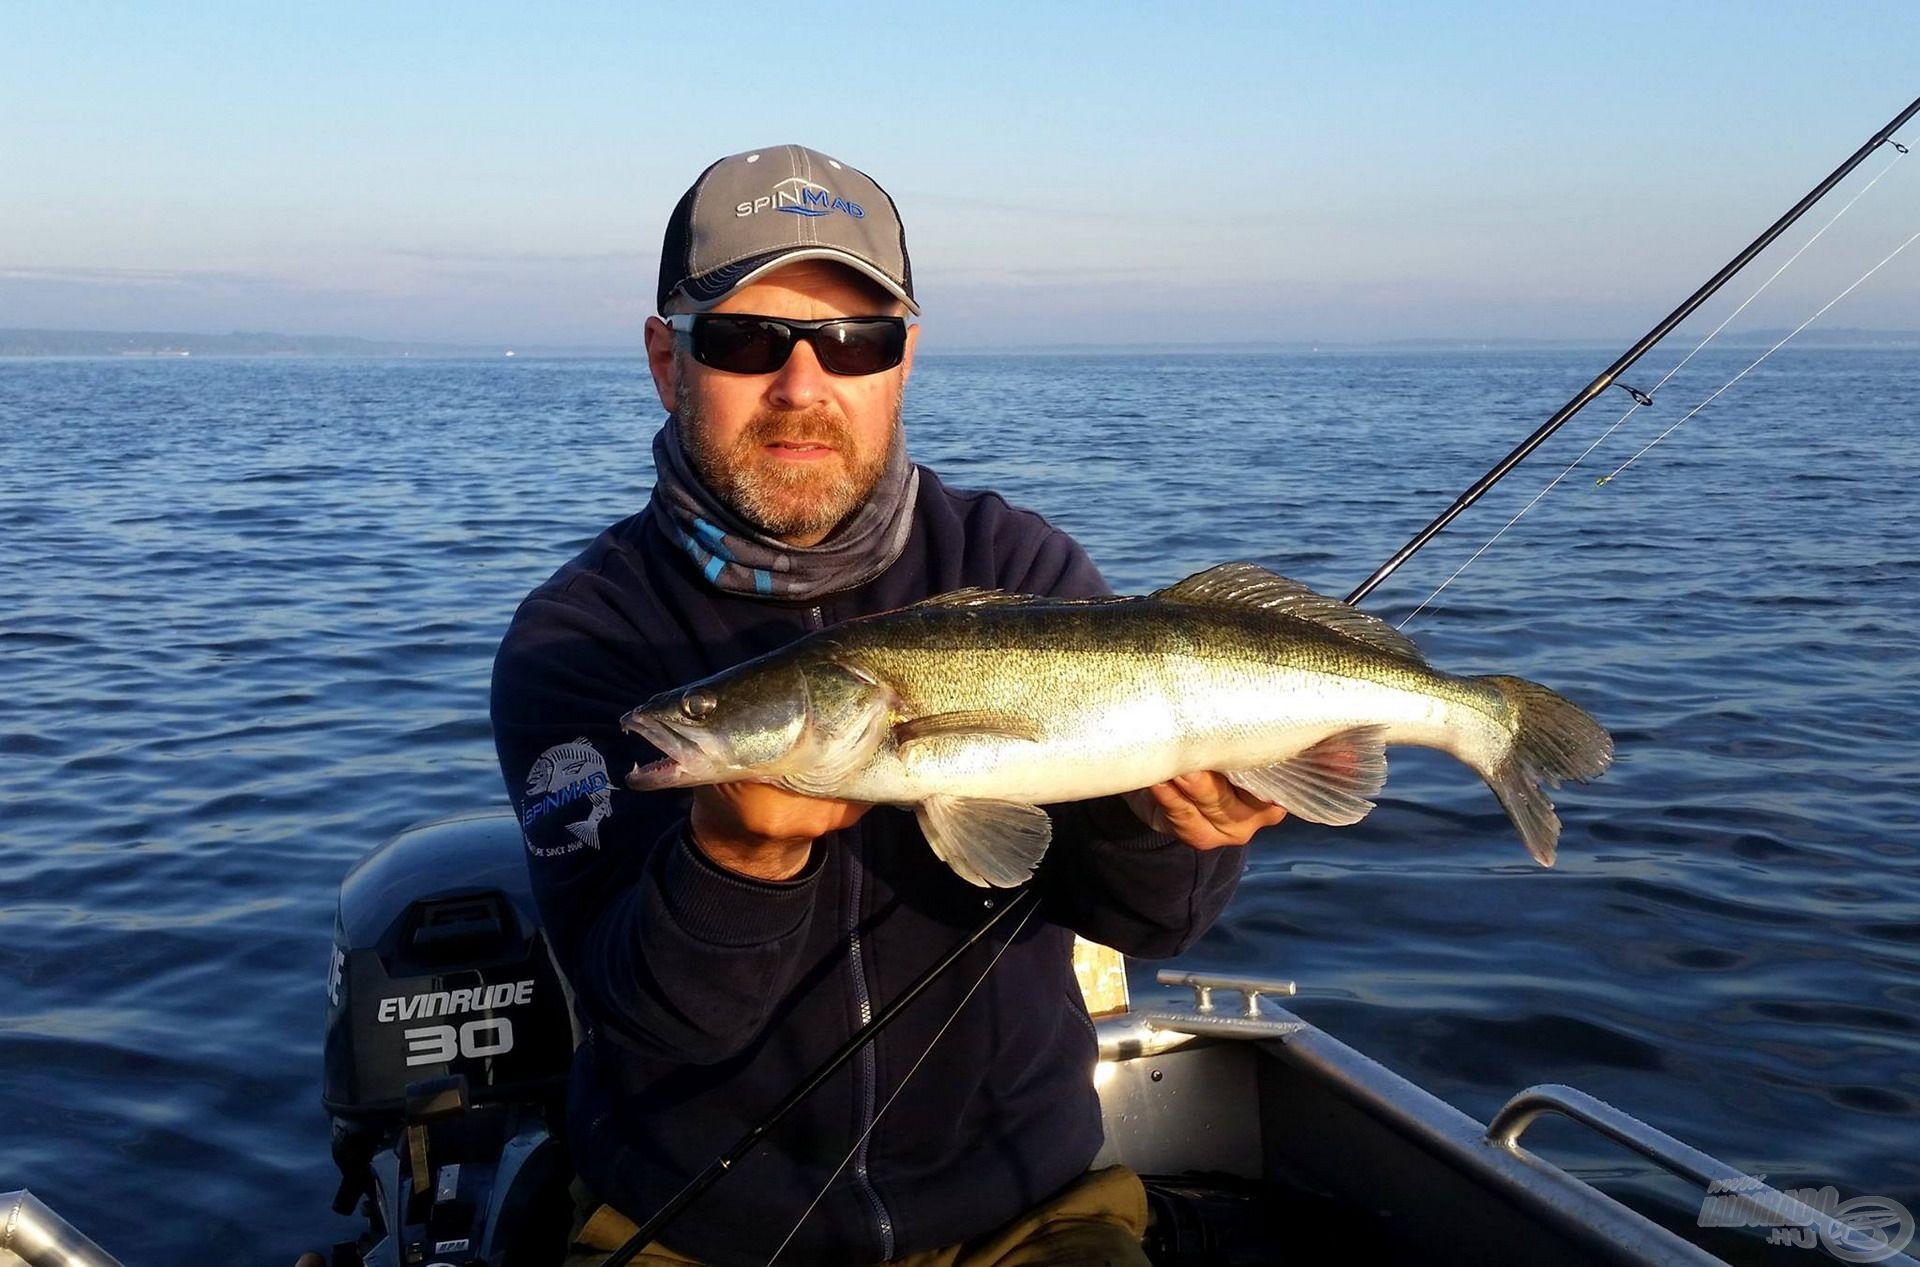 Több halfajnál is sikert érhetünk el vele, így például a süllő horgászathoz is ajánljuk